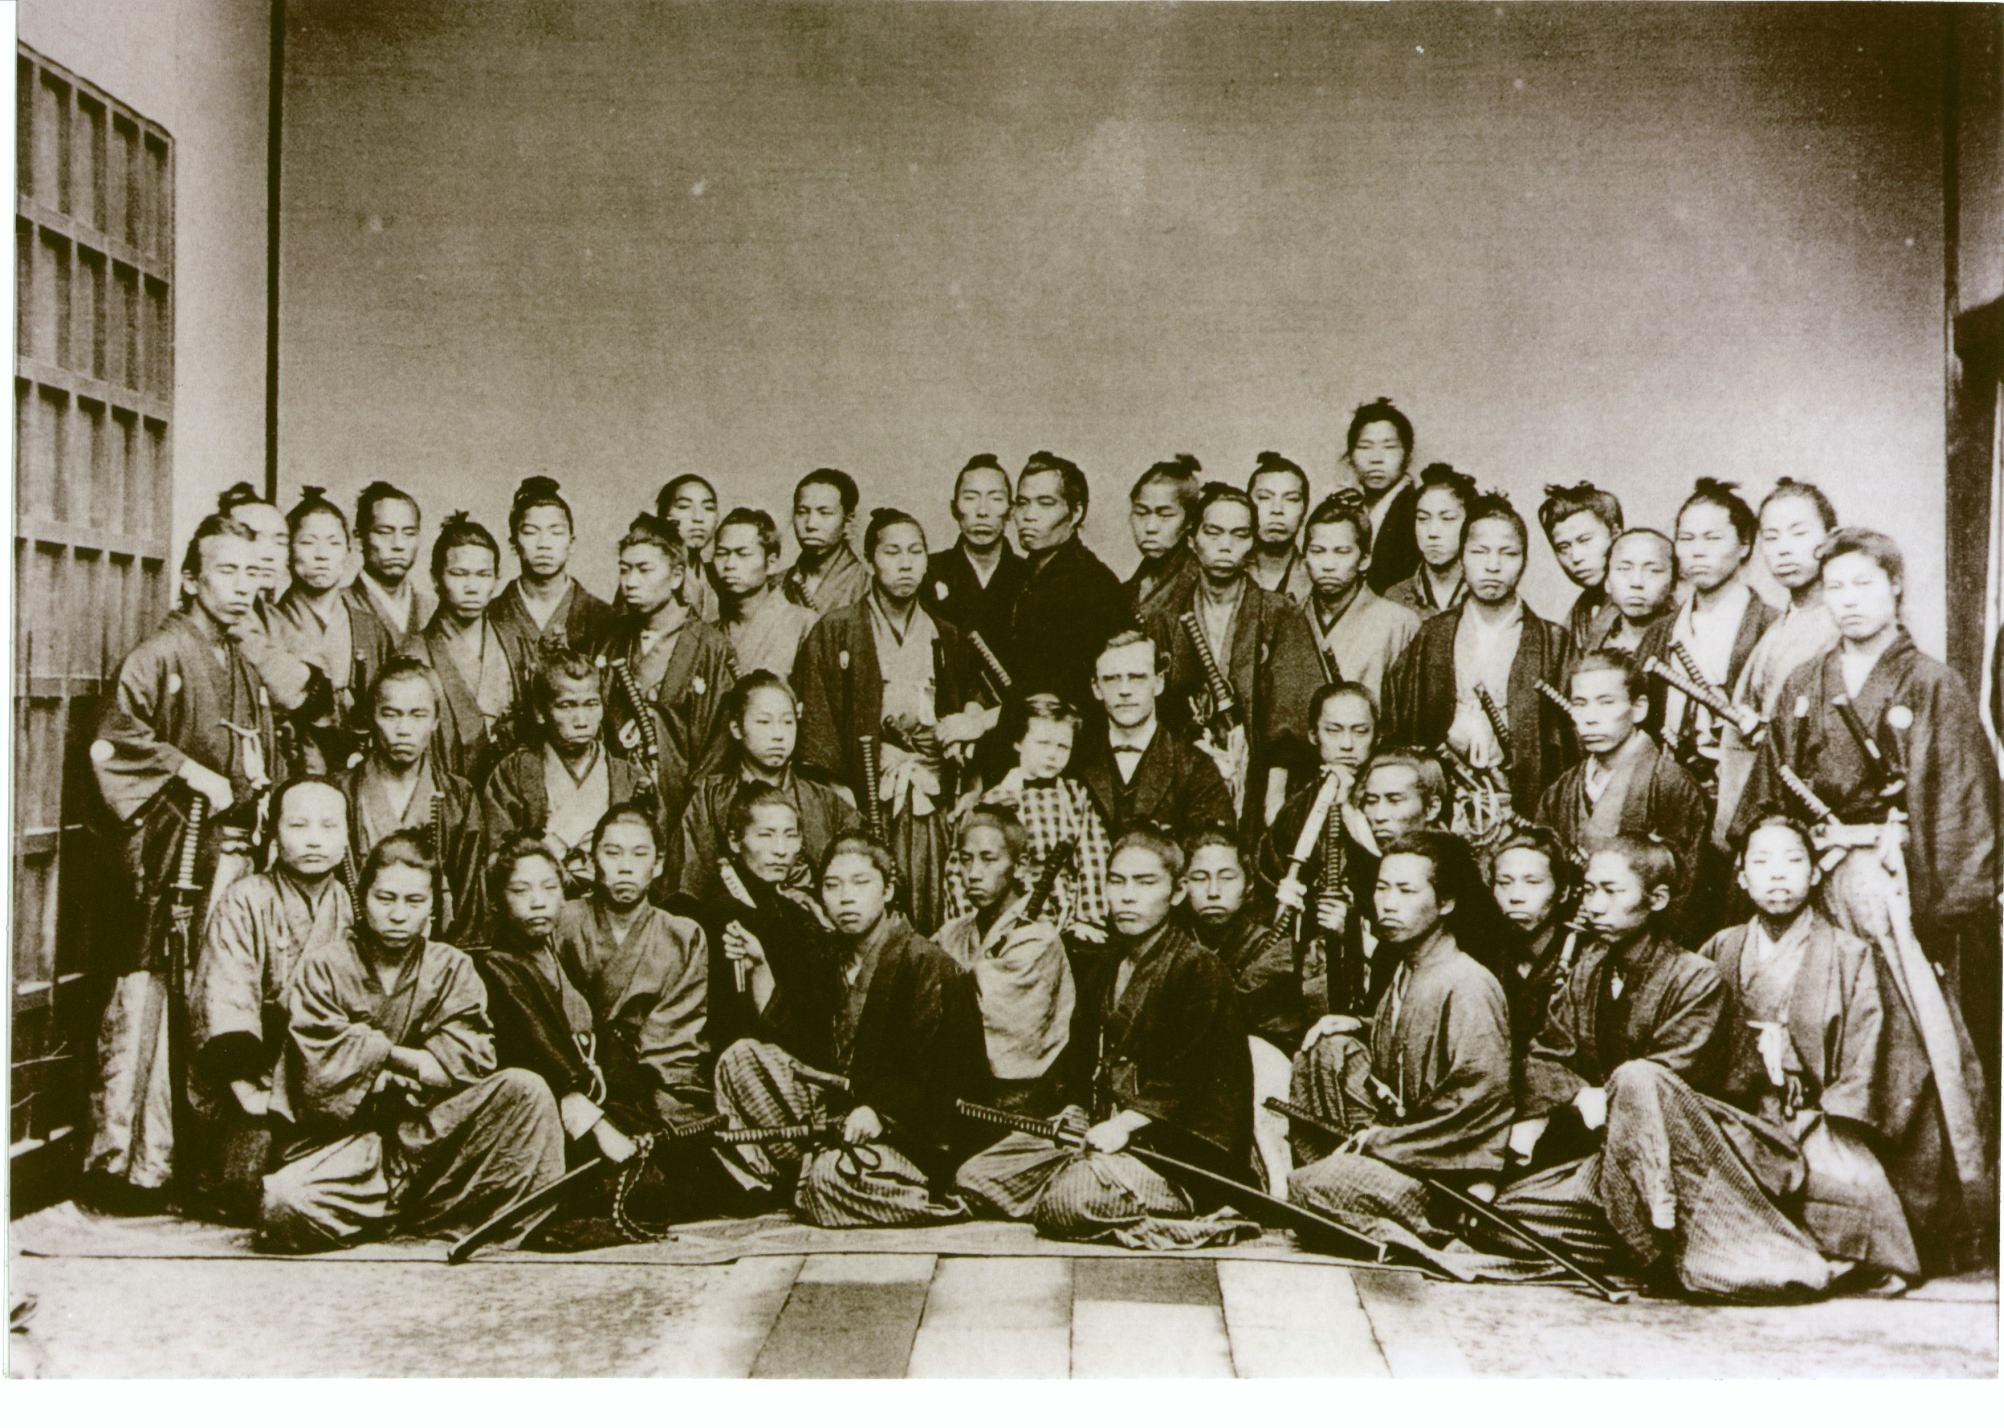 ③幕末維新の志士を集合せしめた貴重映像として知られる「フルベッキ写真」を検証する。この写真は、日本の写真の開祖と云われる上野彦馬氏のスタジオ撮影による「フルベッキと教え子達」とされており、被写体全員に氏名が書き込まれている。